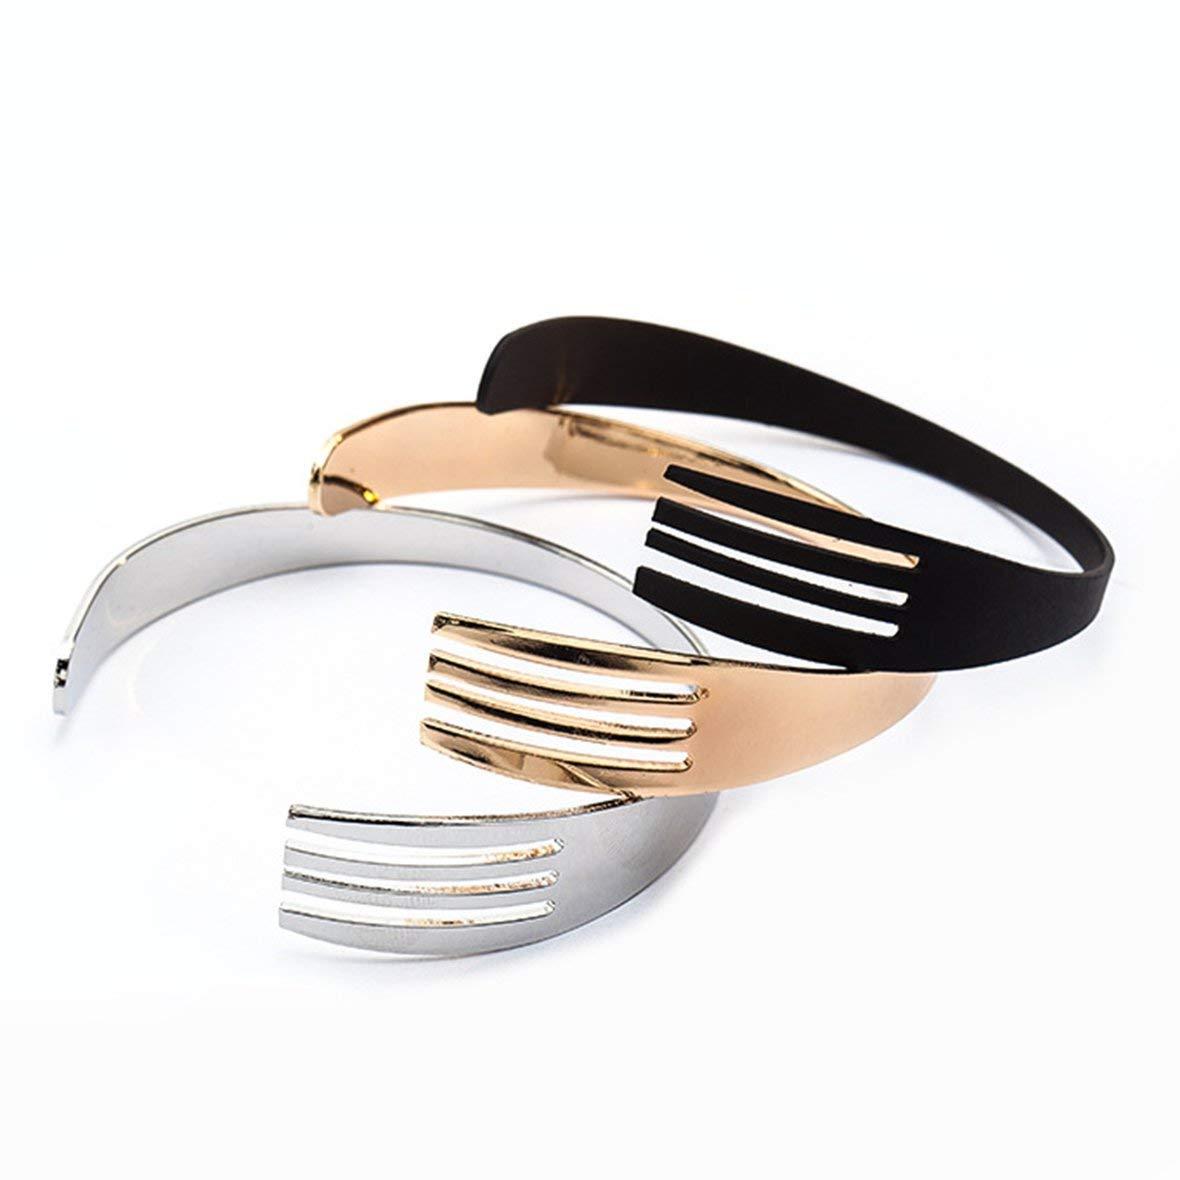 Heaviesk Personalidad Simple Pulsera de Cubiertos Occidentales Pulsera Masculina de Tenedor de Moda para Hombres Pulsera Simple y cl/ásica